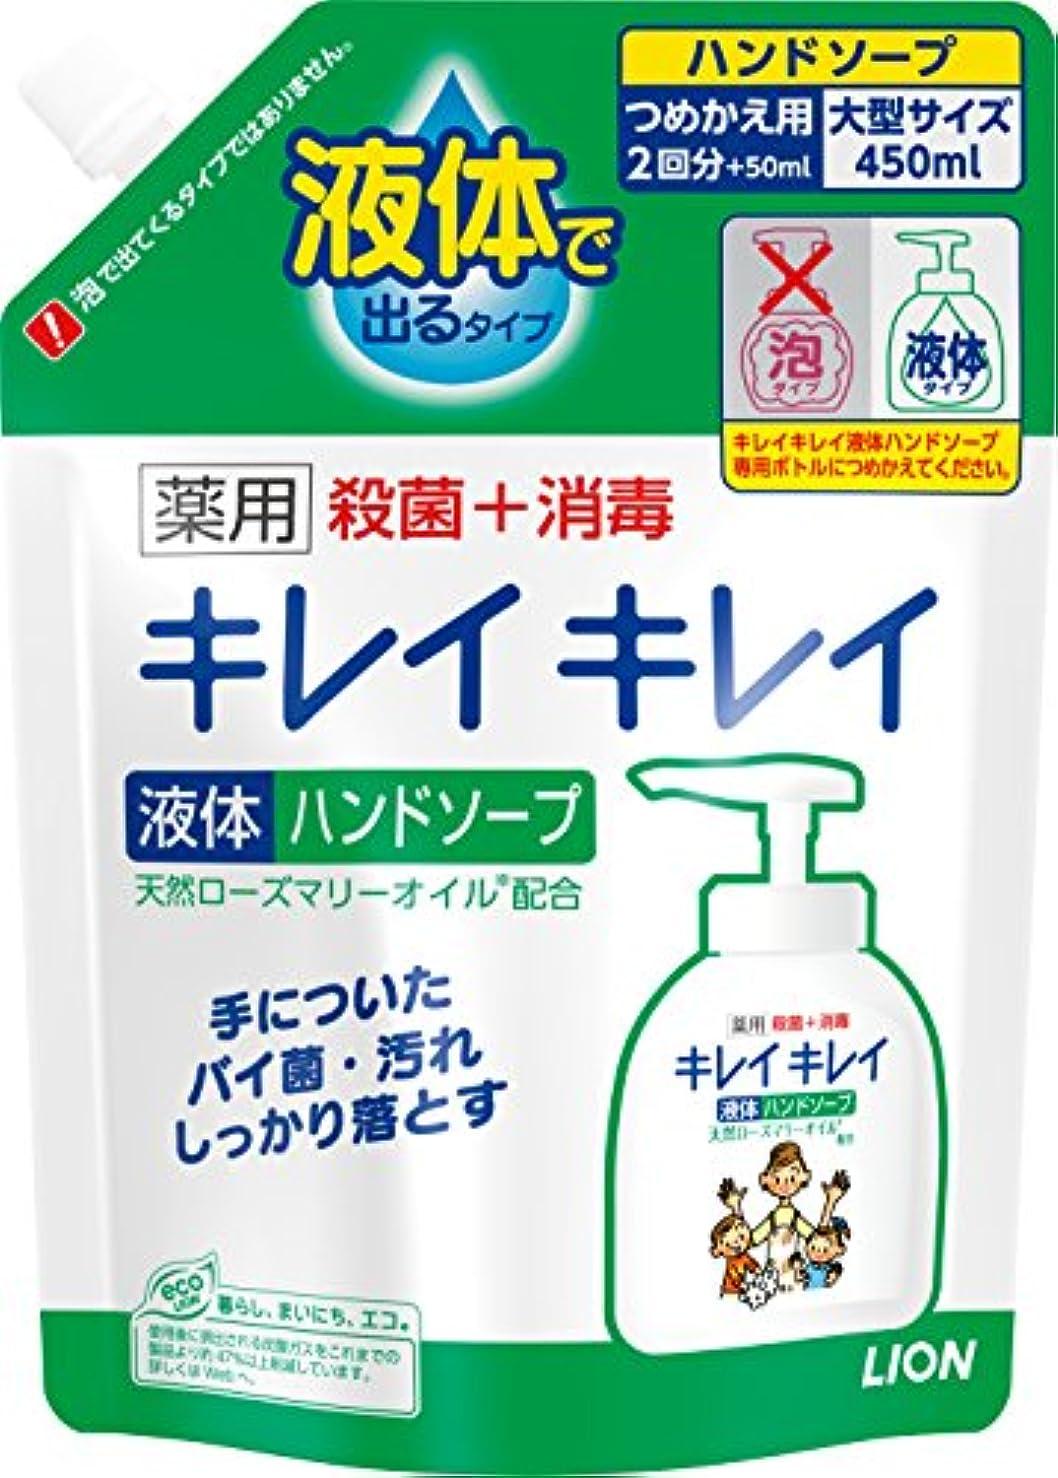 批判的に保証金微妙キレイキレイ 薬用 液体ハンドソープ 詰め替え 450ml(医薬部外品)